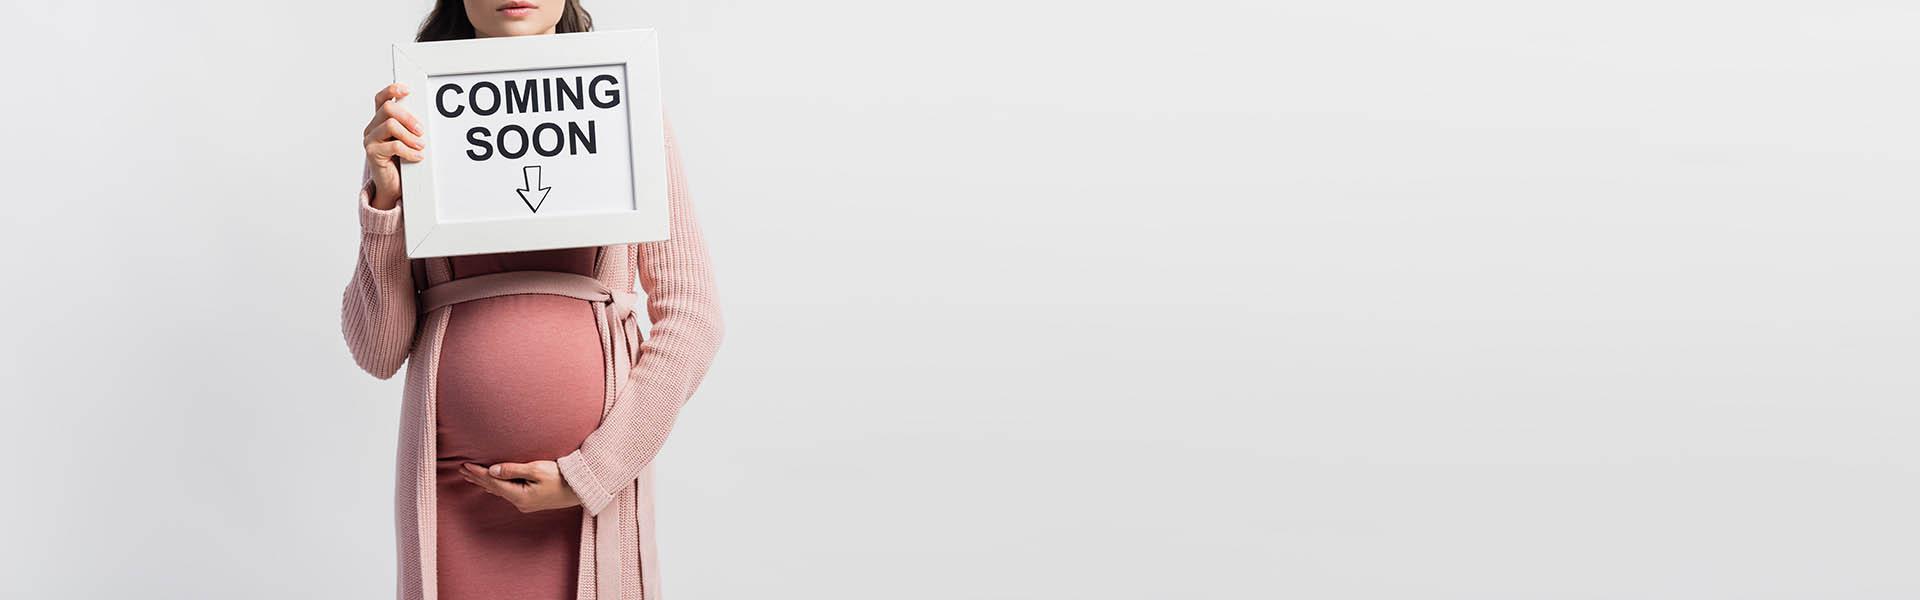 Εξωσωματική Γονιμοποίηση Fertilia by Genesis